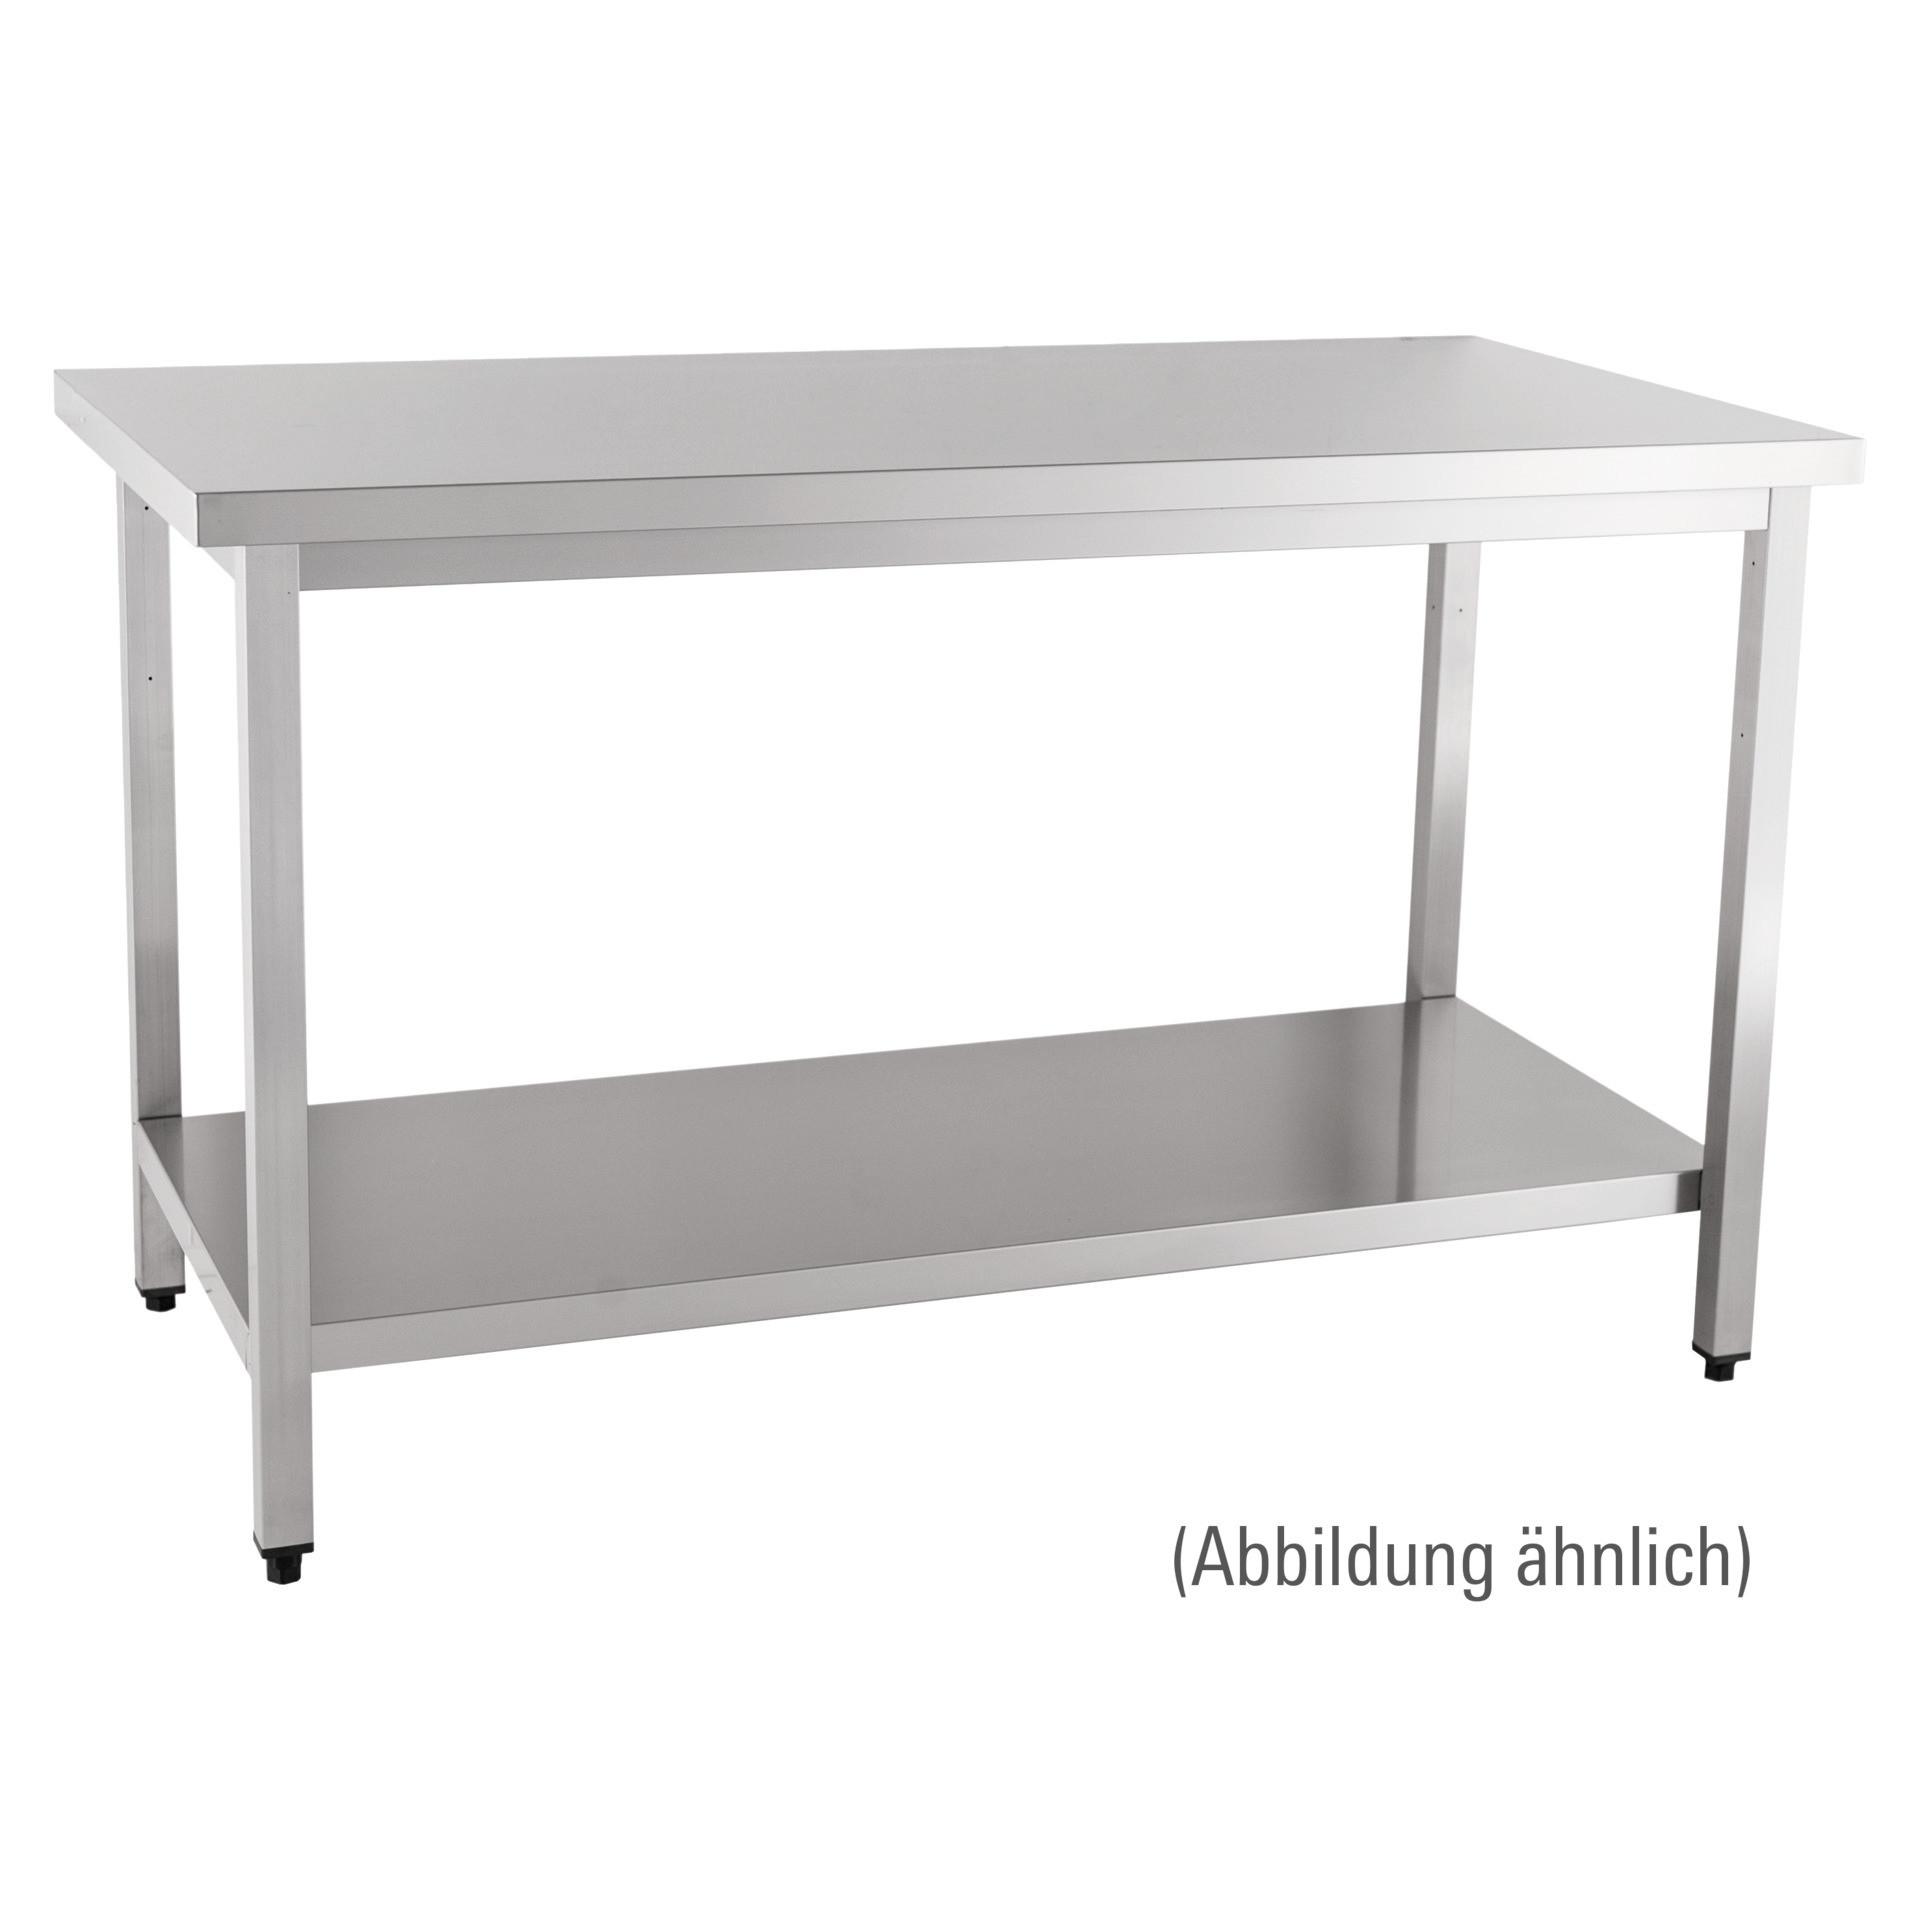 Arbeitstisch zur Selbstmontage mit Boden ohne Aufkantung 1600 x 700 x 850 mm